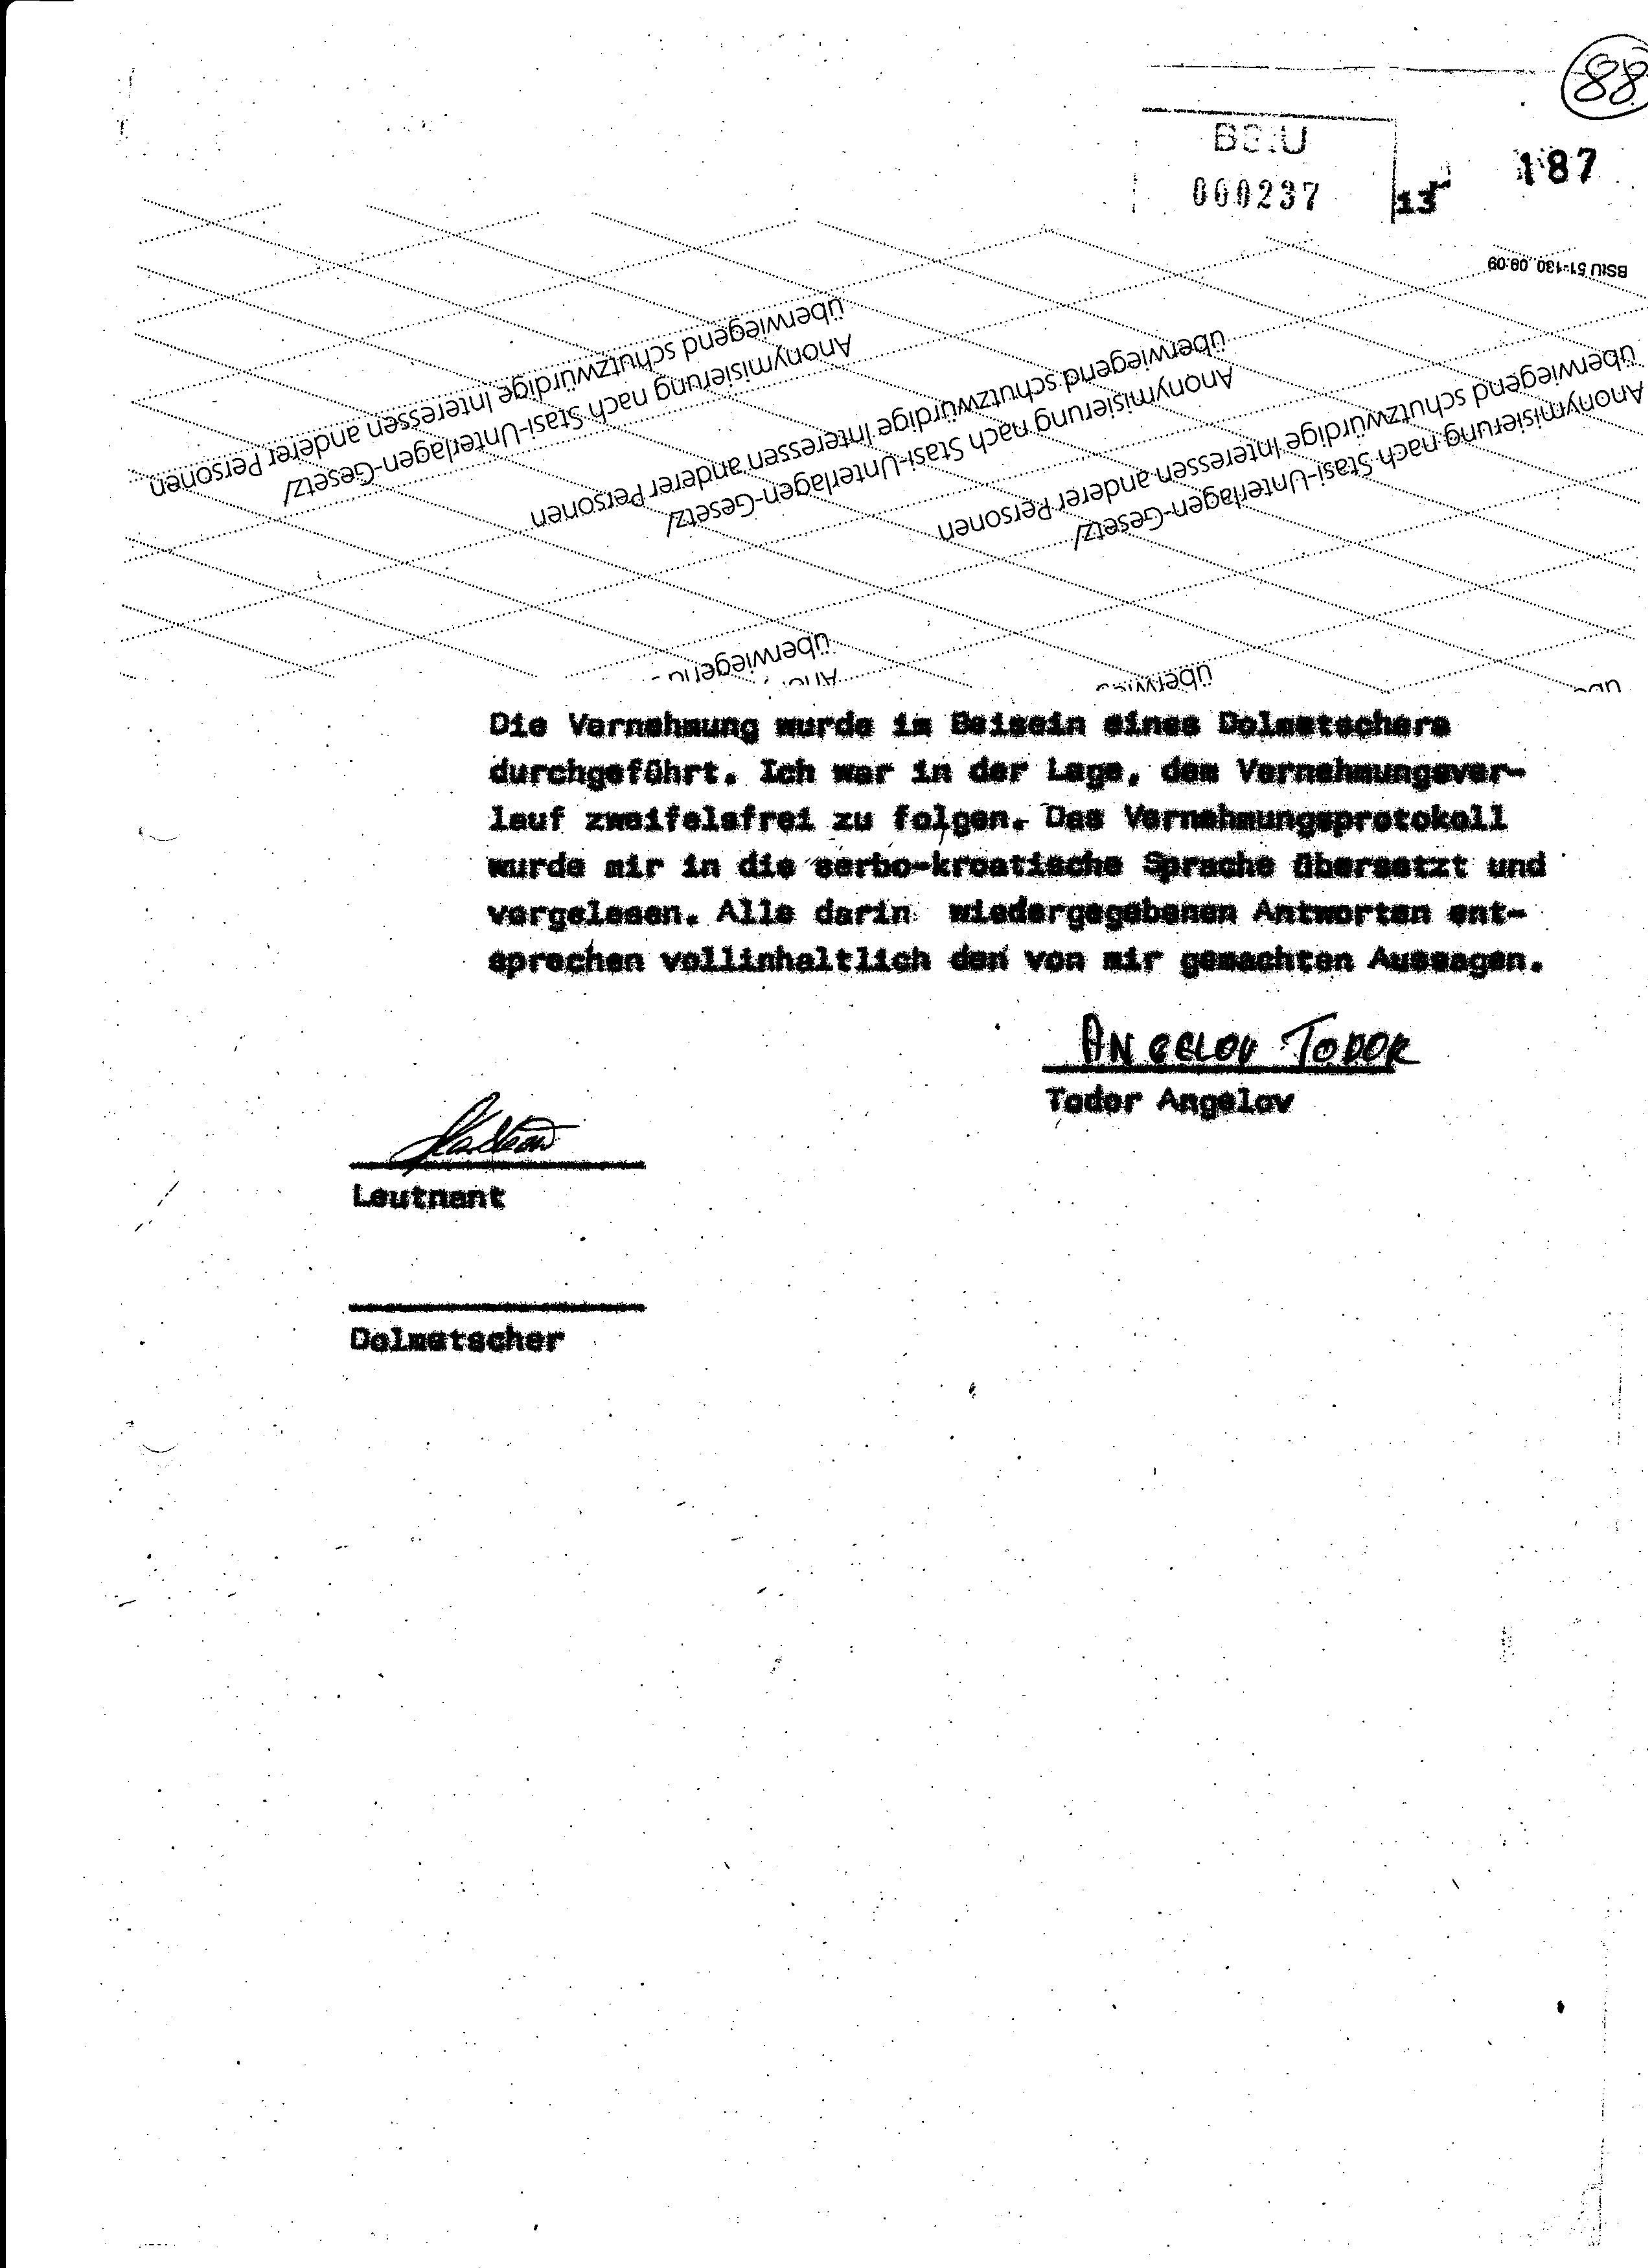 ... Das Vernehmungsprotokoll wurde mir in die serbo-kroatische Sprache übersetzt und vorgelesen..... Unterschrift des Dolmetschers fehlt allerdings!